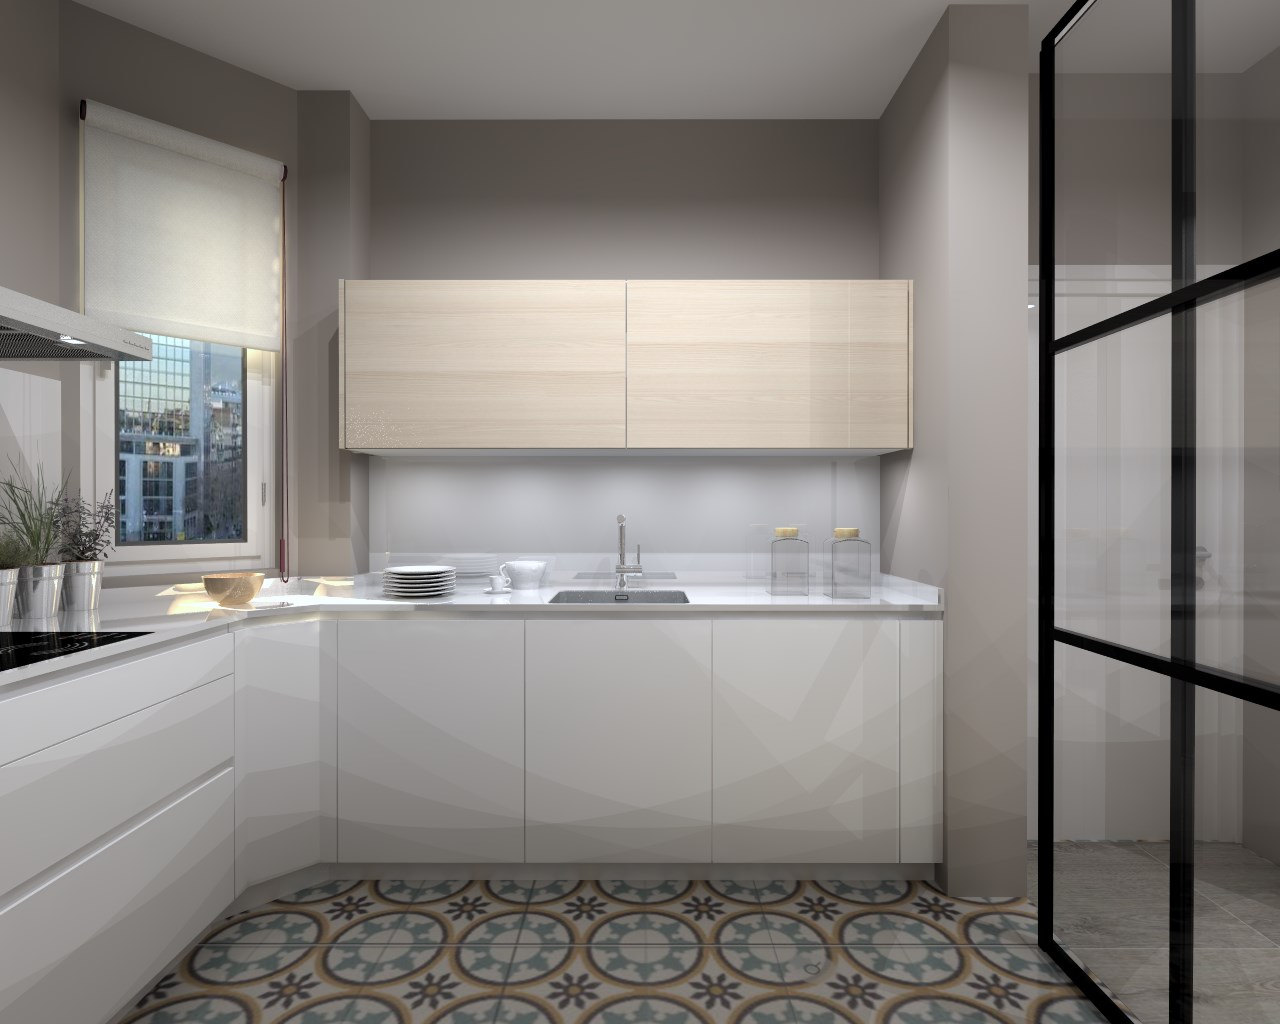 Aravaca cocina santos modelo line estratificado blanco for Cocinas modelos